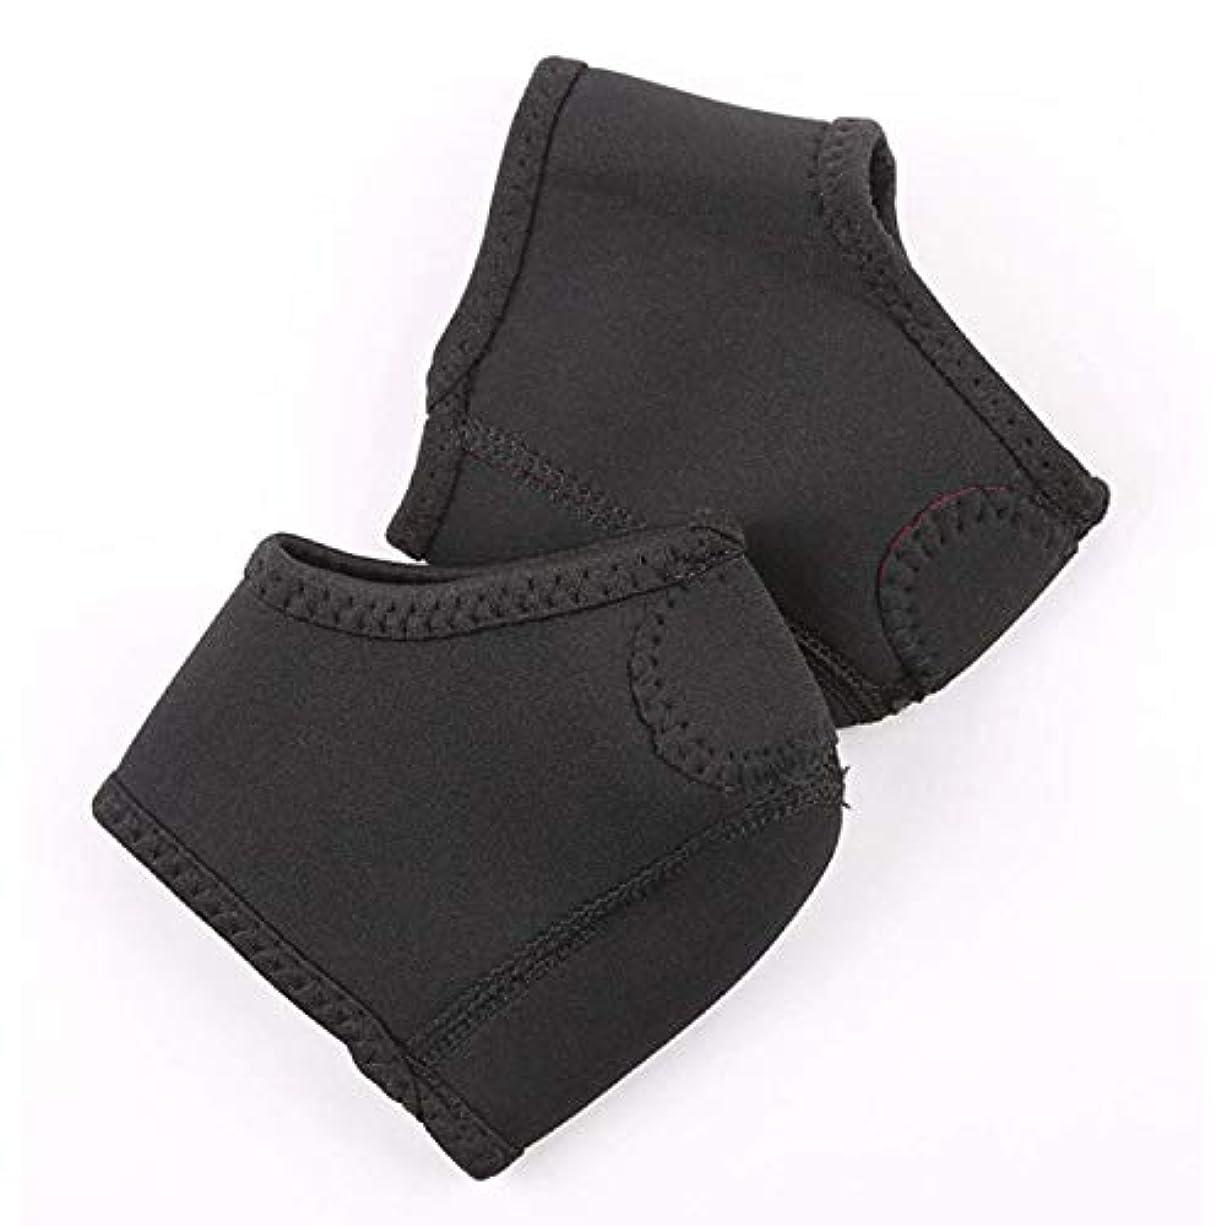 メトリック適応する一月2個 セット しっかりフィット タイプ 保護 靴下 足用 カバー ソックス インソール パッド 衝撃吸収 踵 足裂